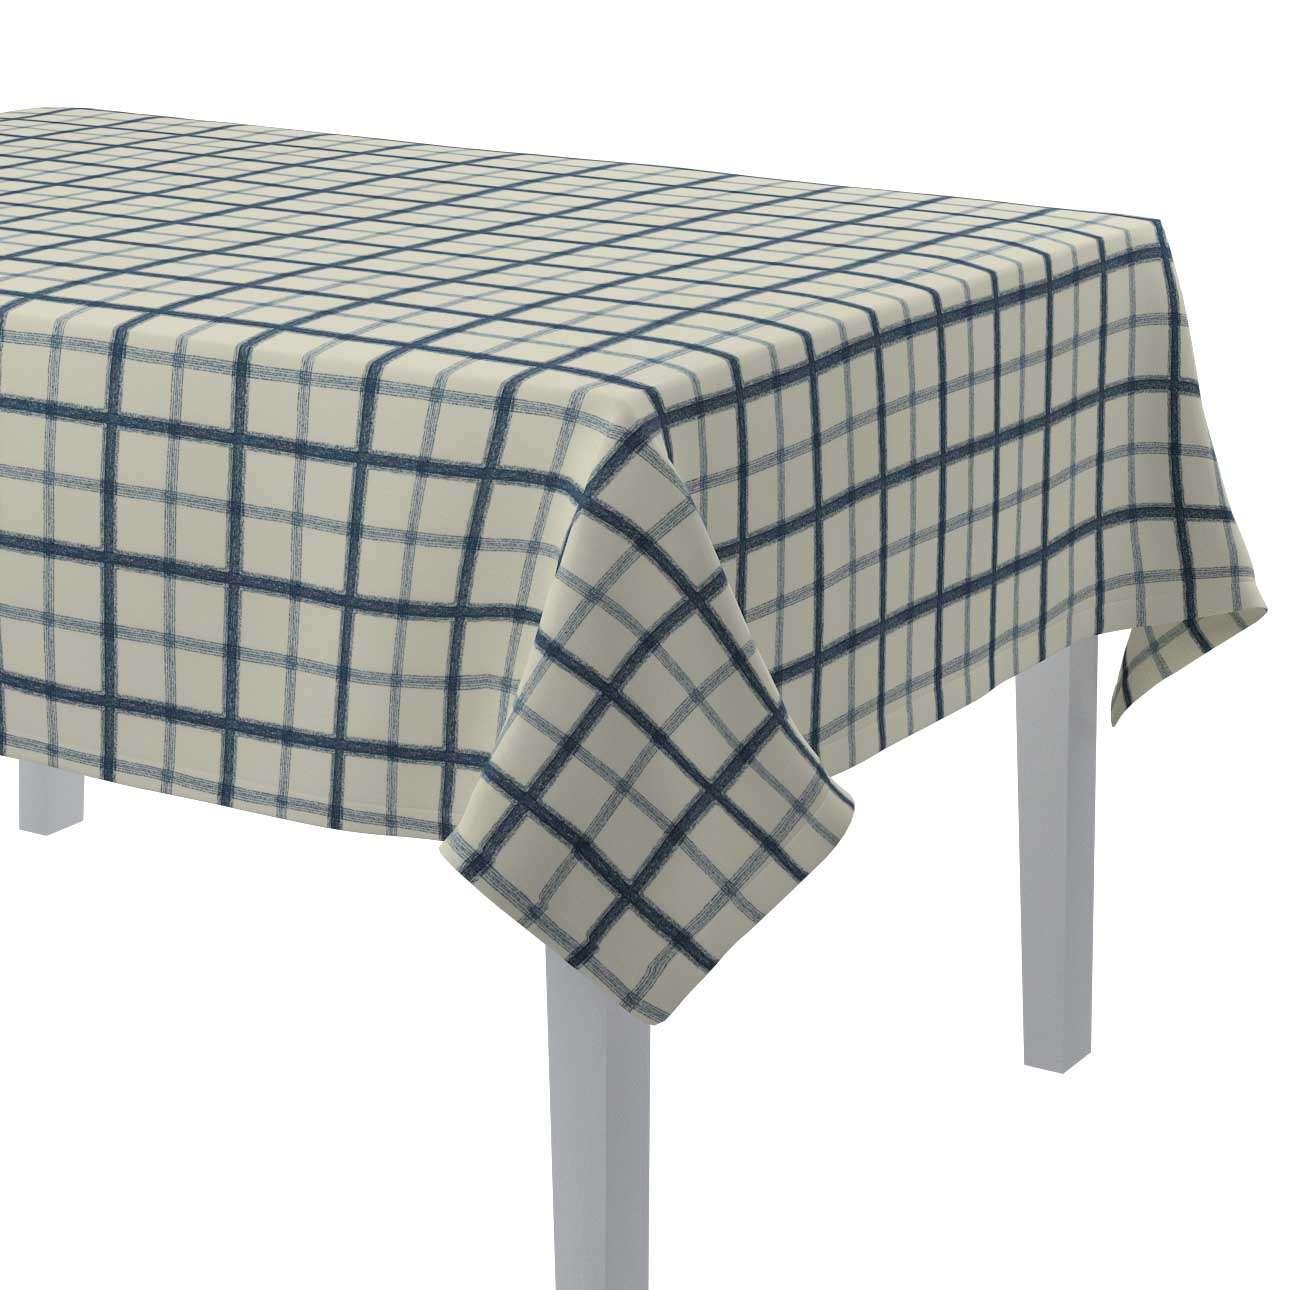 Rechteckige Tischdecke 130 x 130 cm von der Kollektion Avinon, Stoff: 131-66